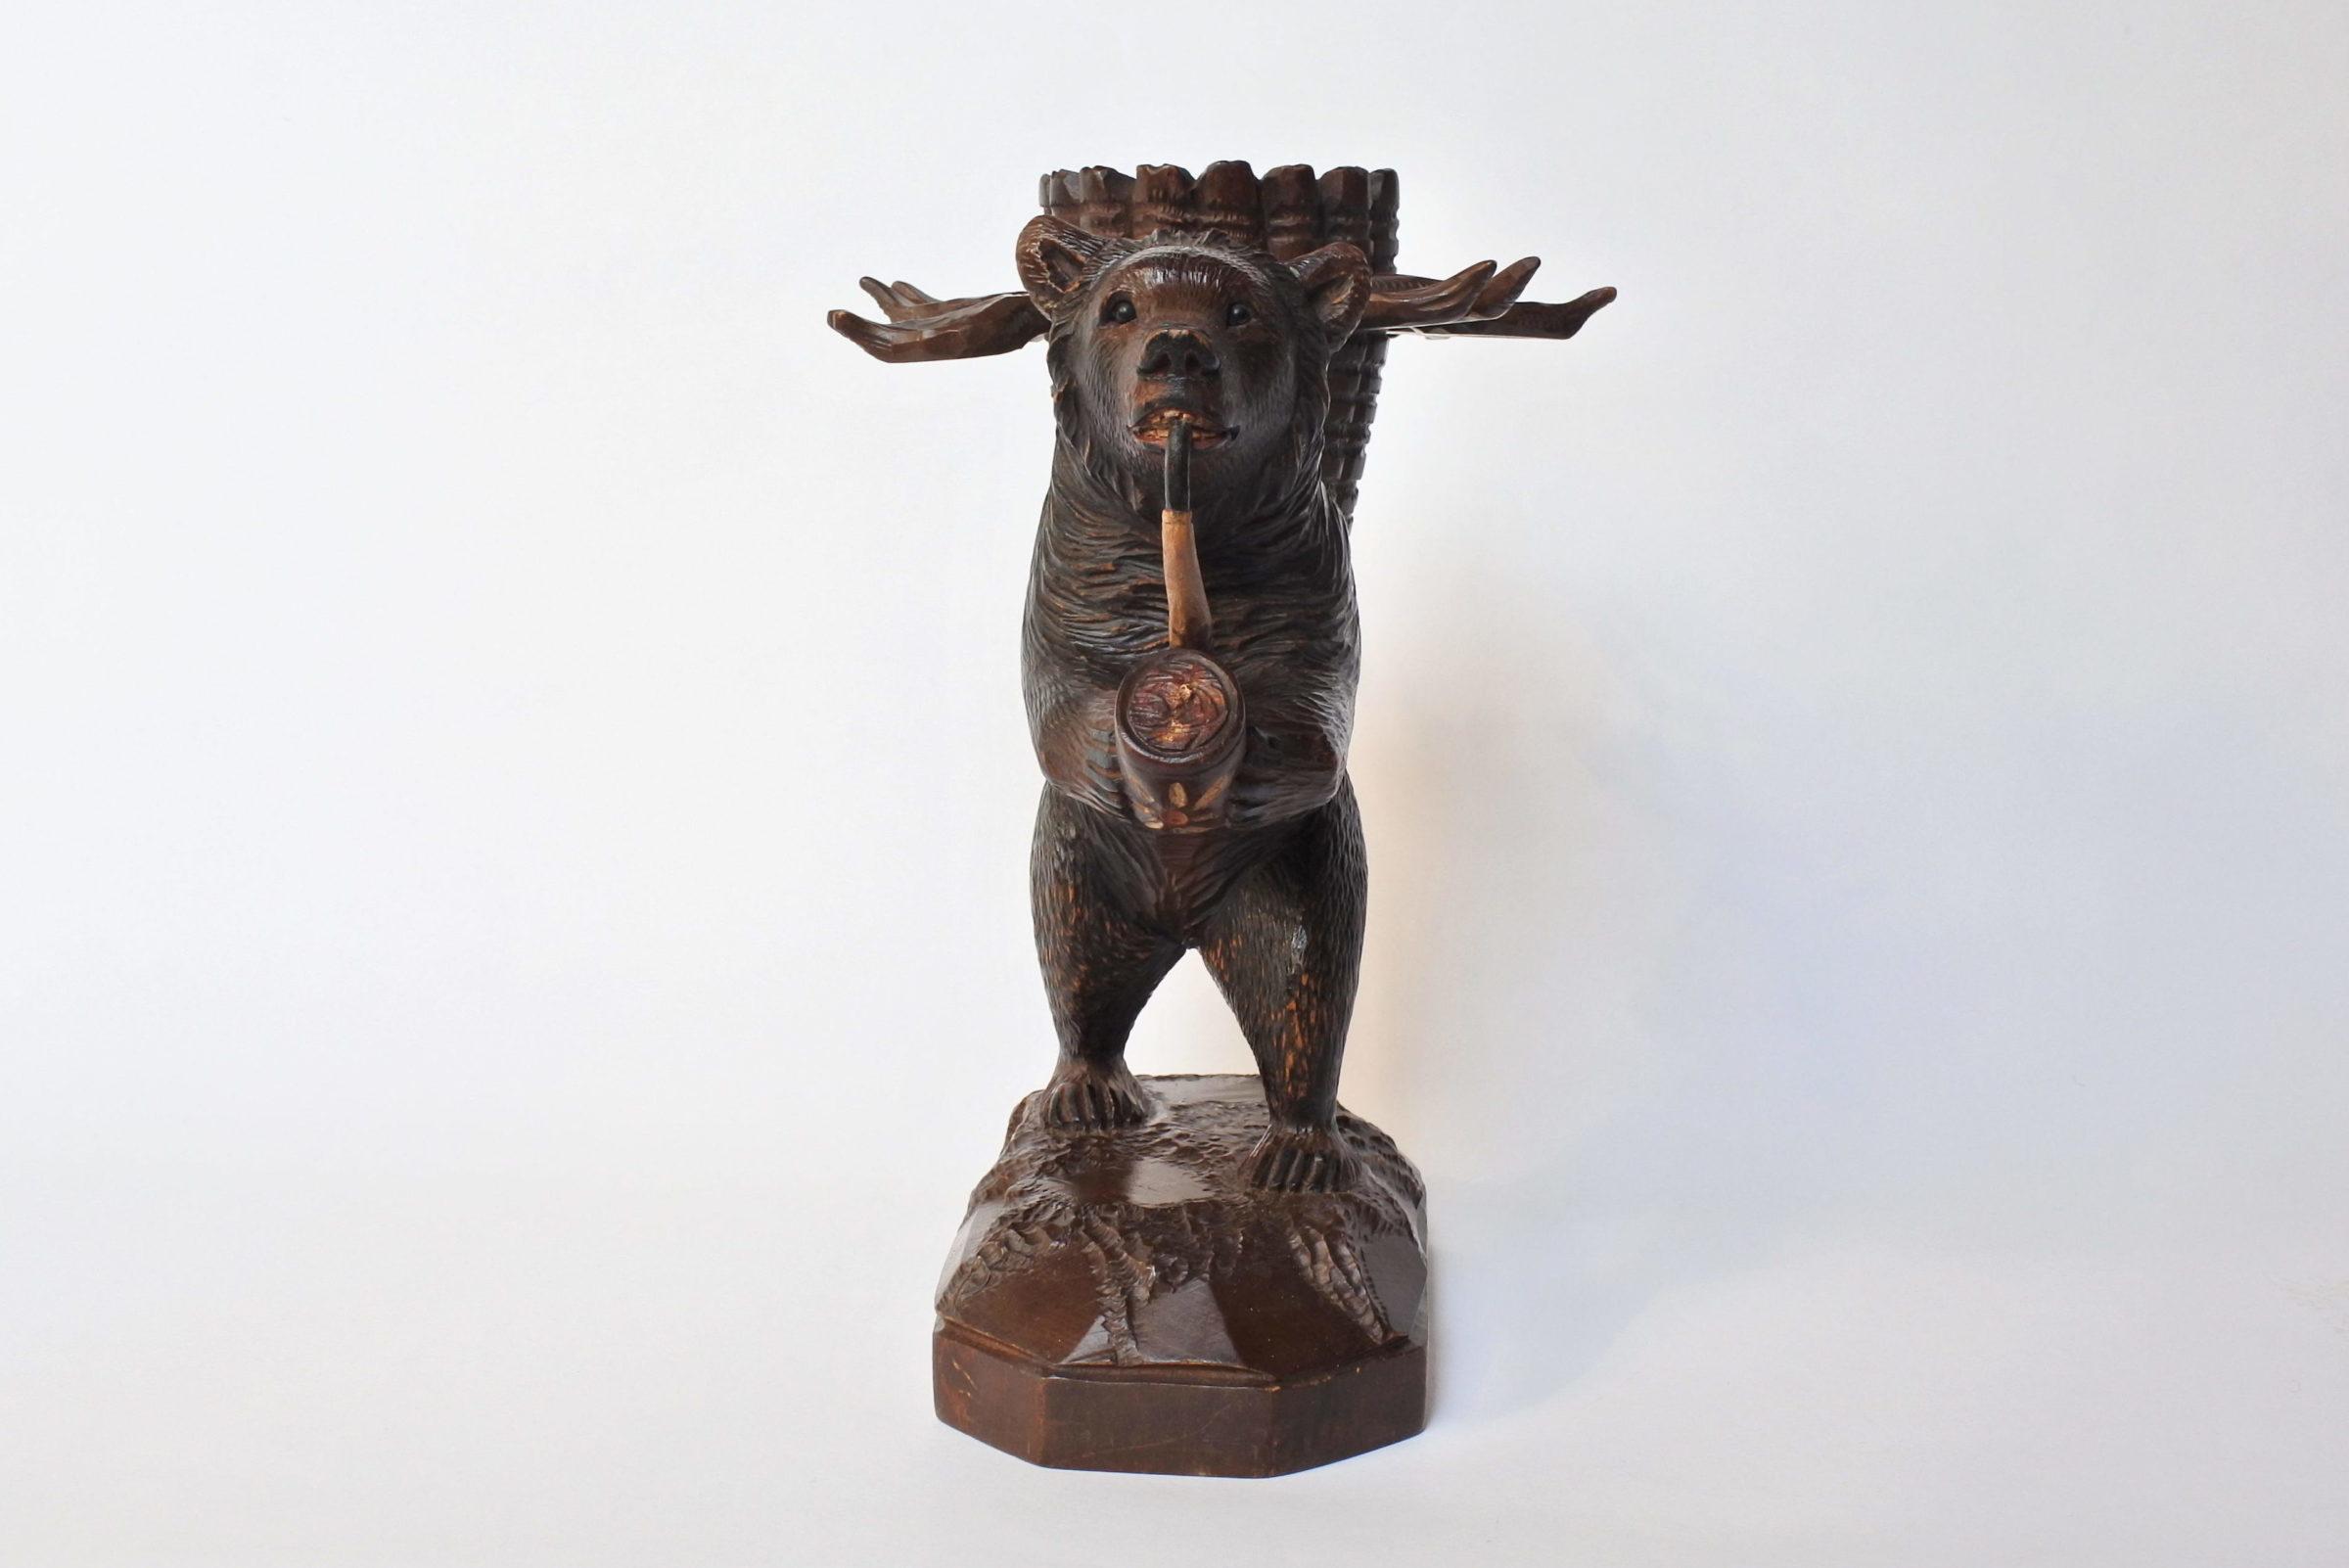 Orso in legno scolpito foresta nera con funzione di portabottiglia e bicchierini - 10